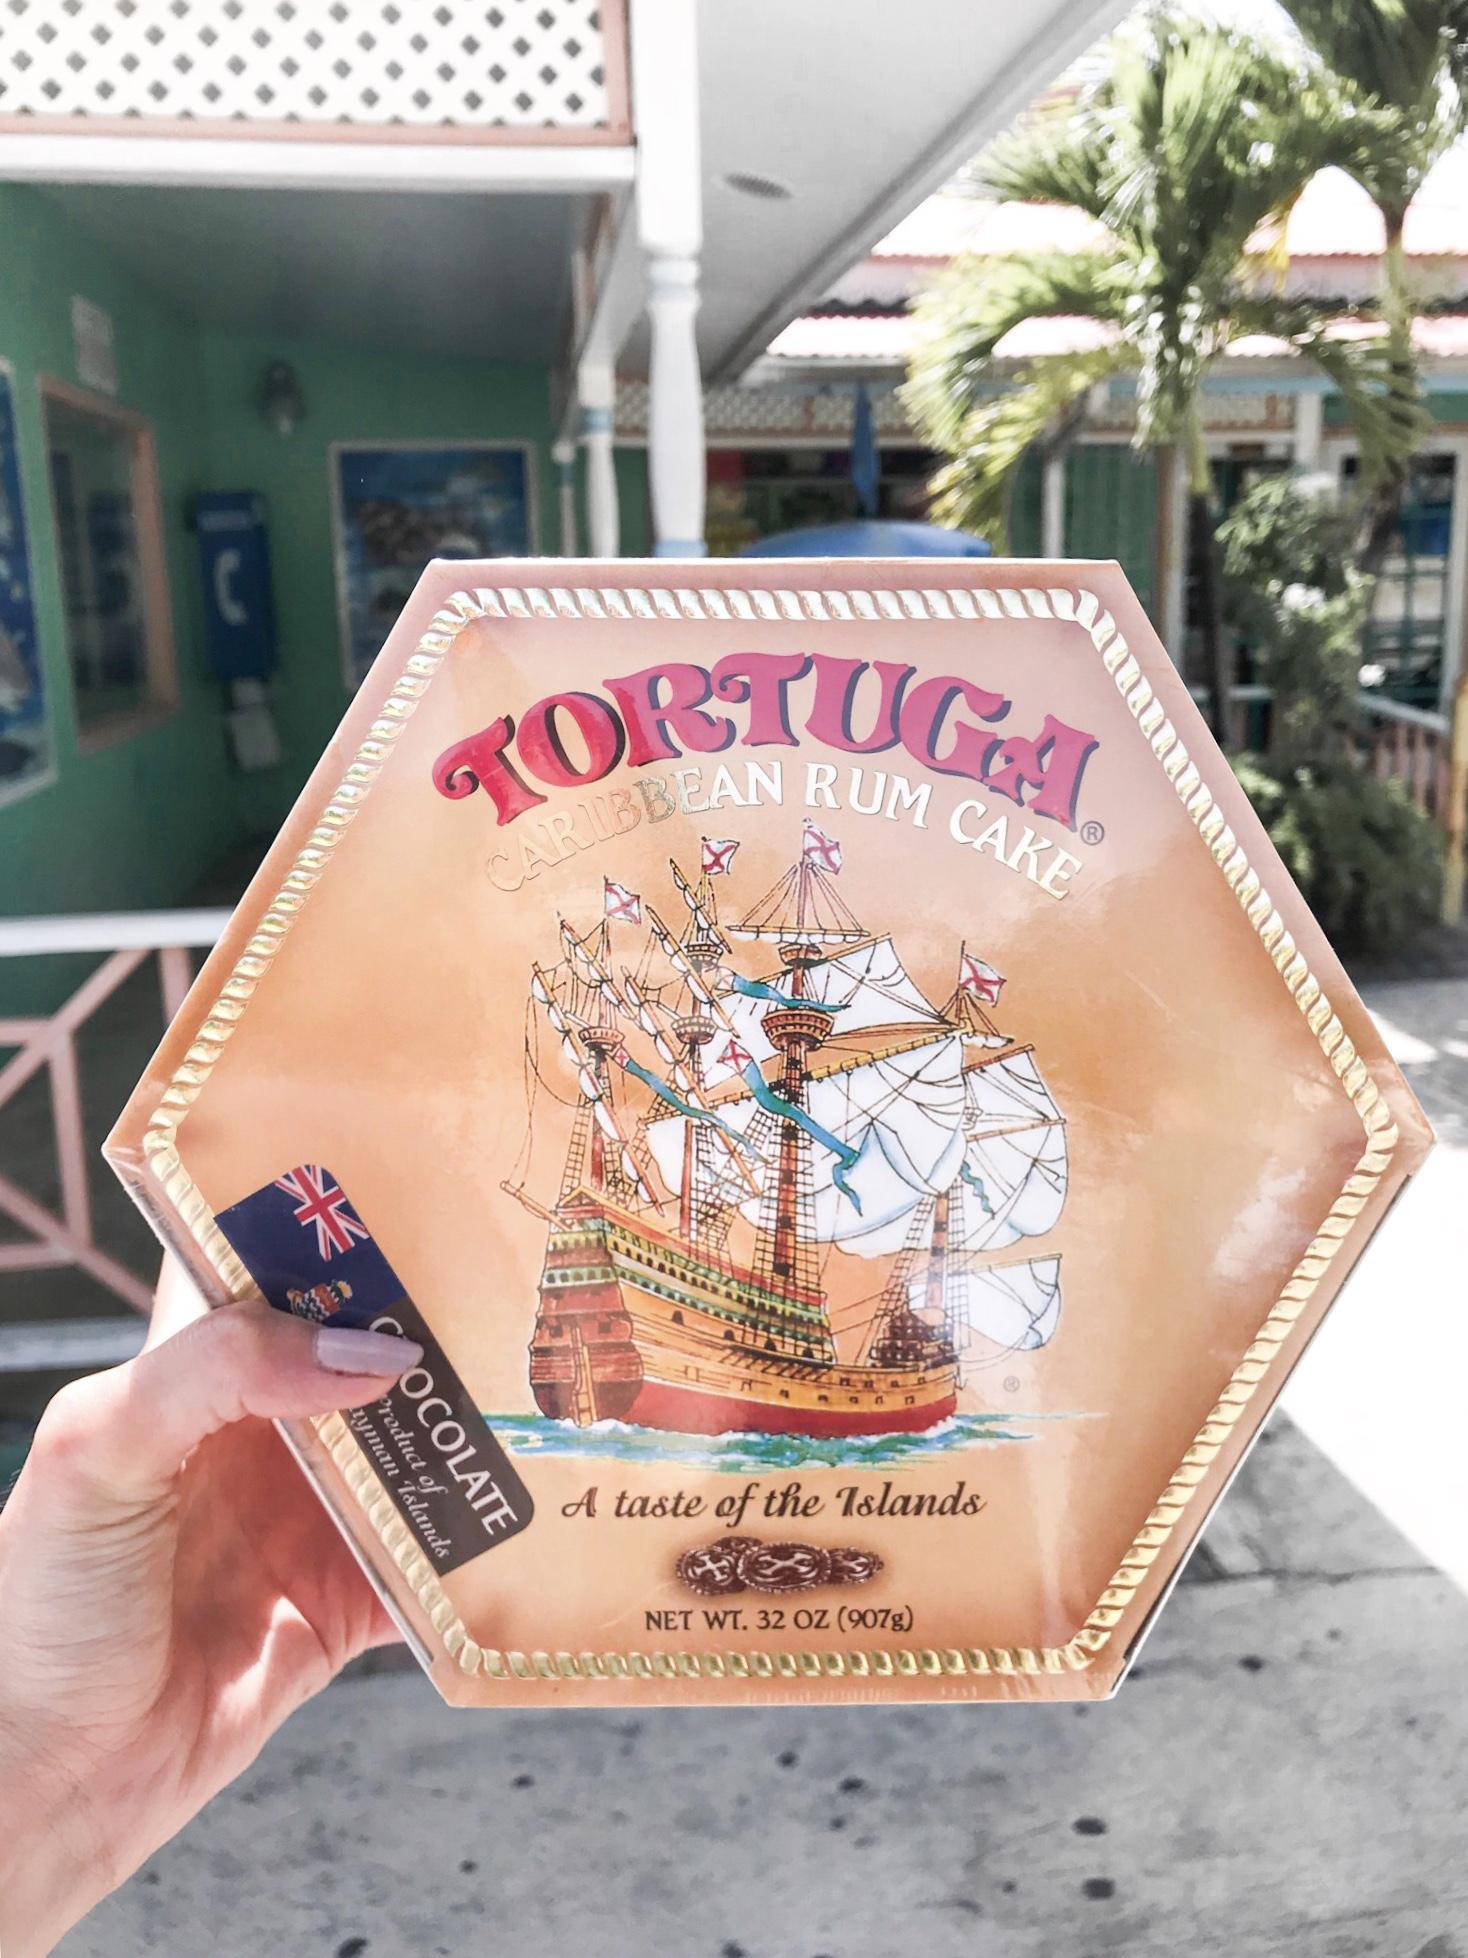 Tortuga Rum Shop , Grand Cayman, Tortuga Rum Cake